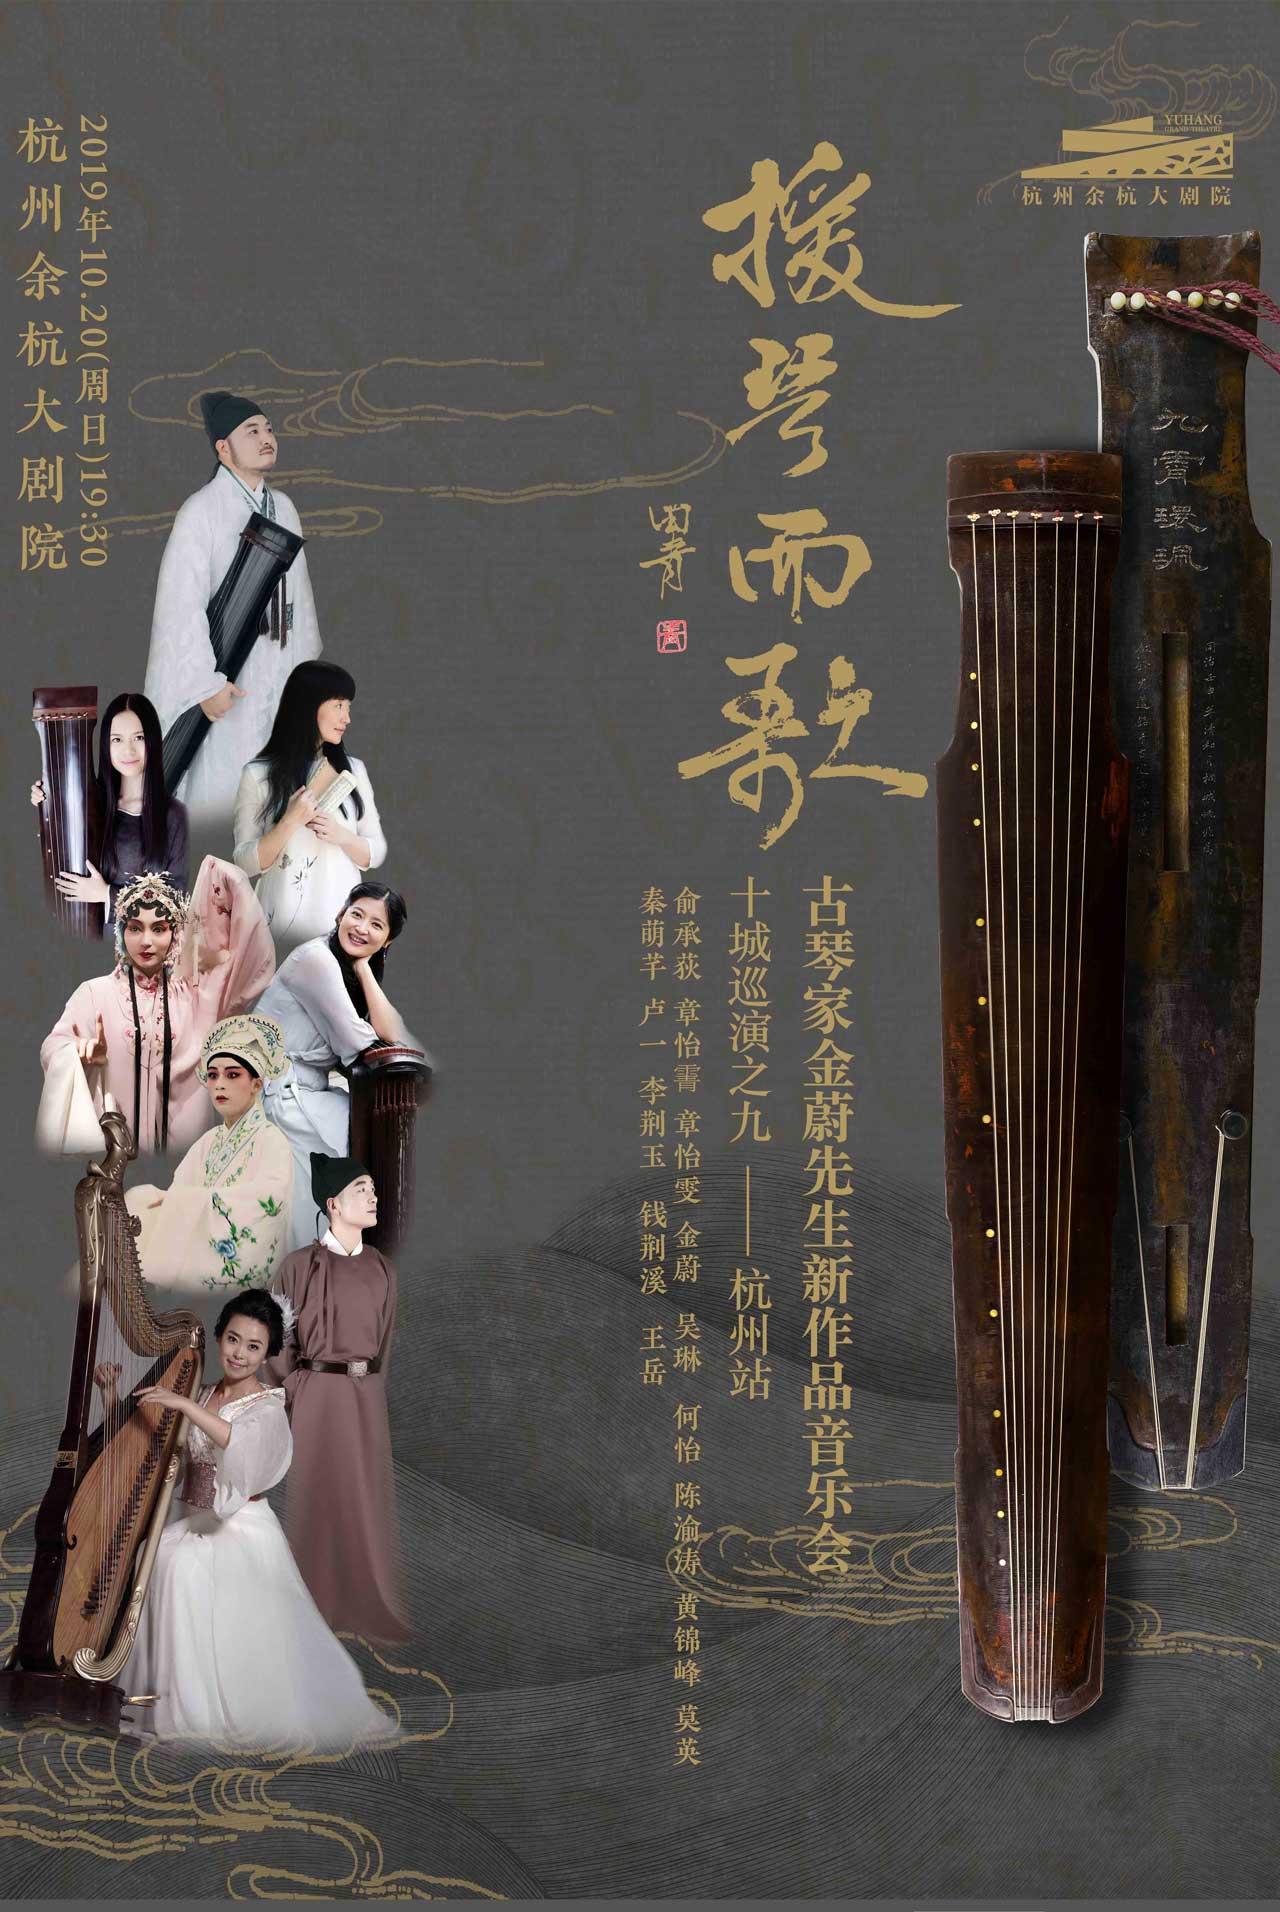 援琴而歌――古琴家金蔚先生新作品音乐会―杭州站